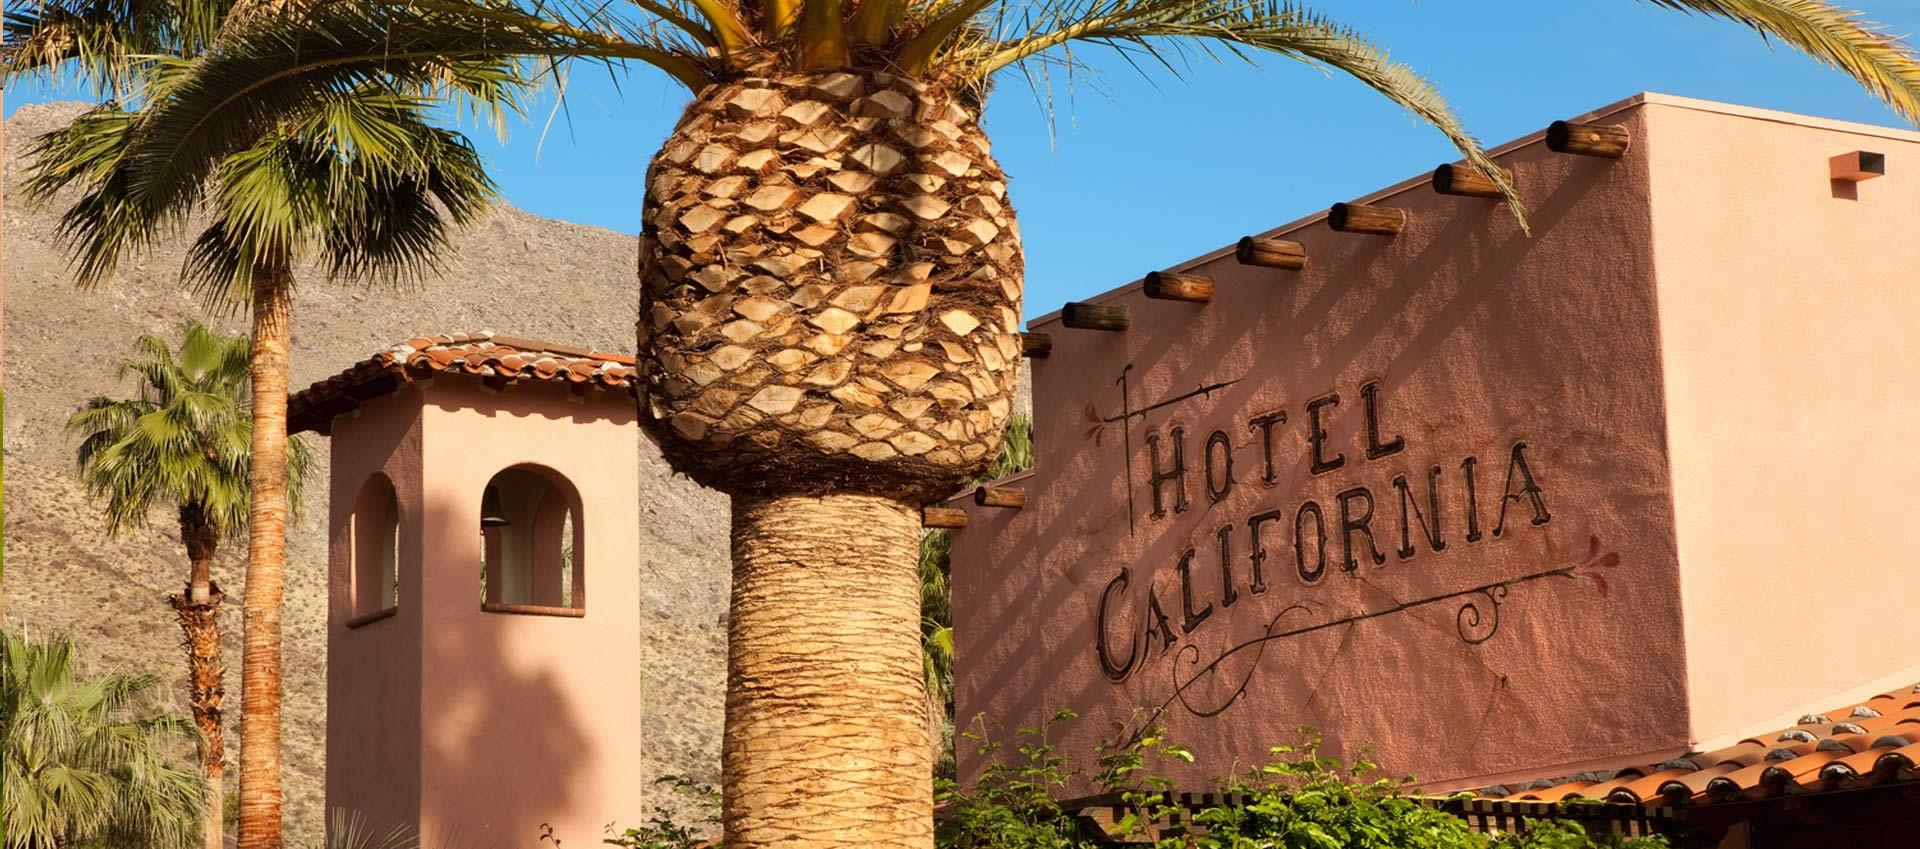 Hotel California exterior